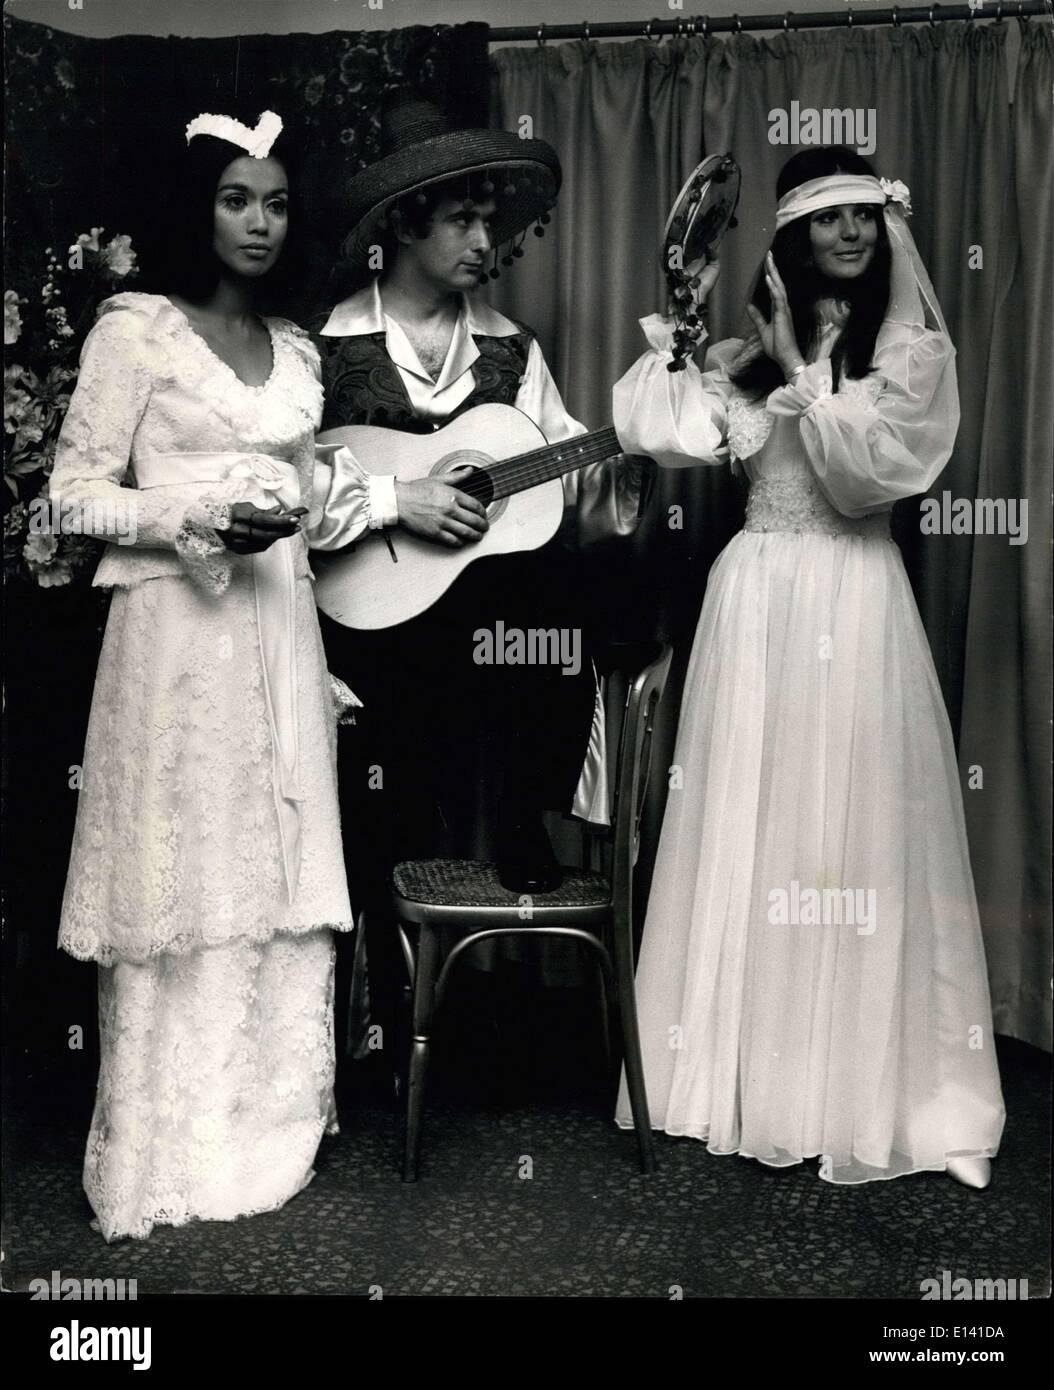 Vestiti Da Sposa Zingara.Mar 31 2012 Gypsy Senorita Gamma Di Abiti Da Sposa Da Giovani